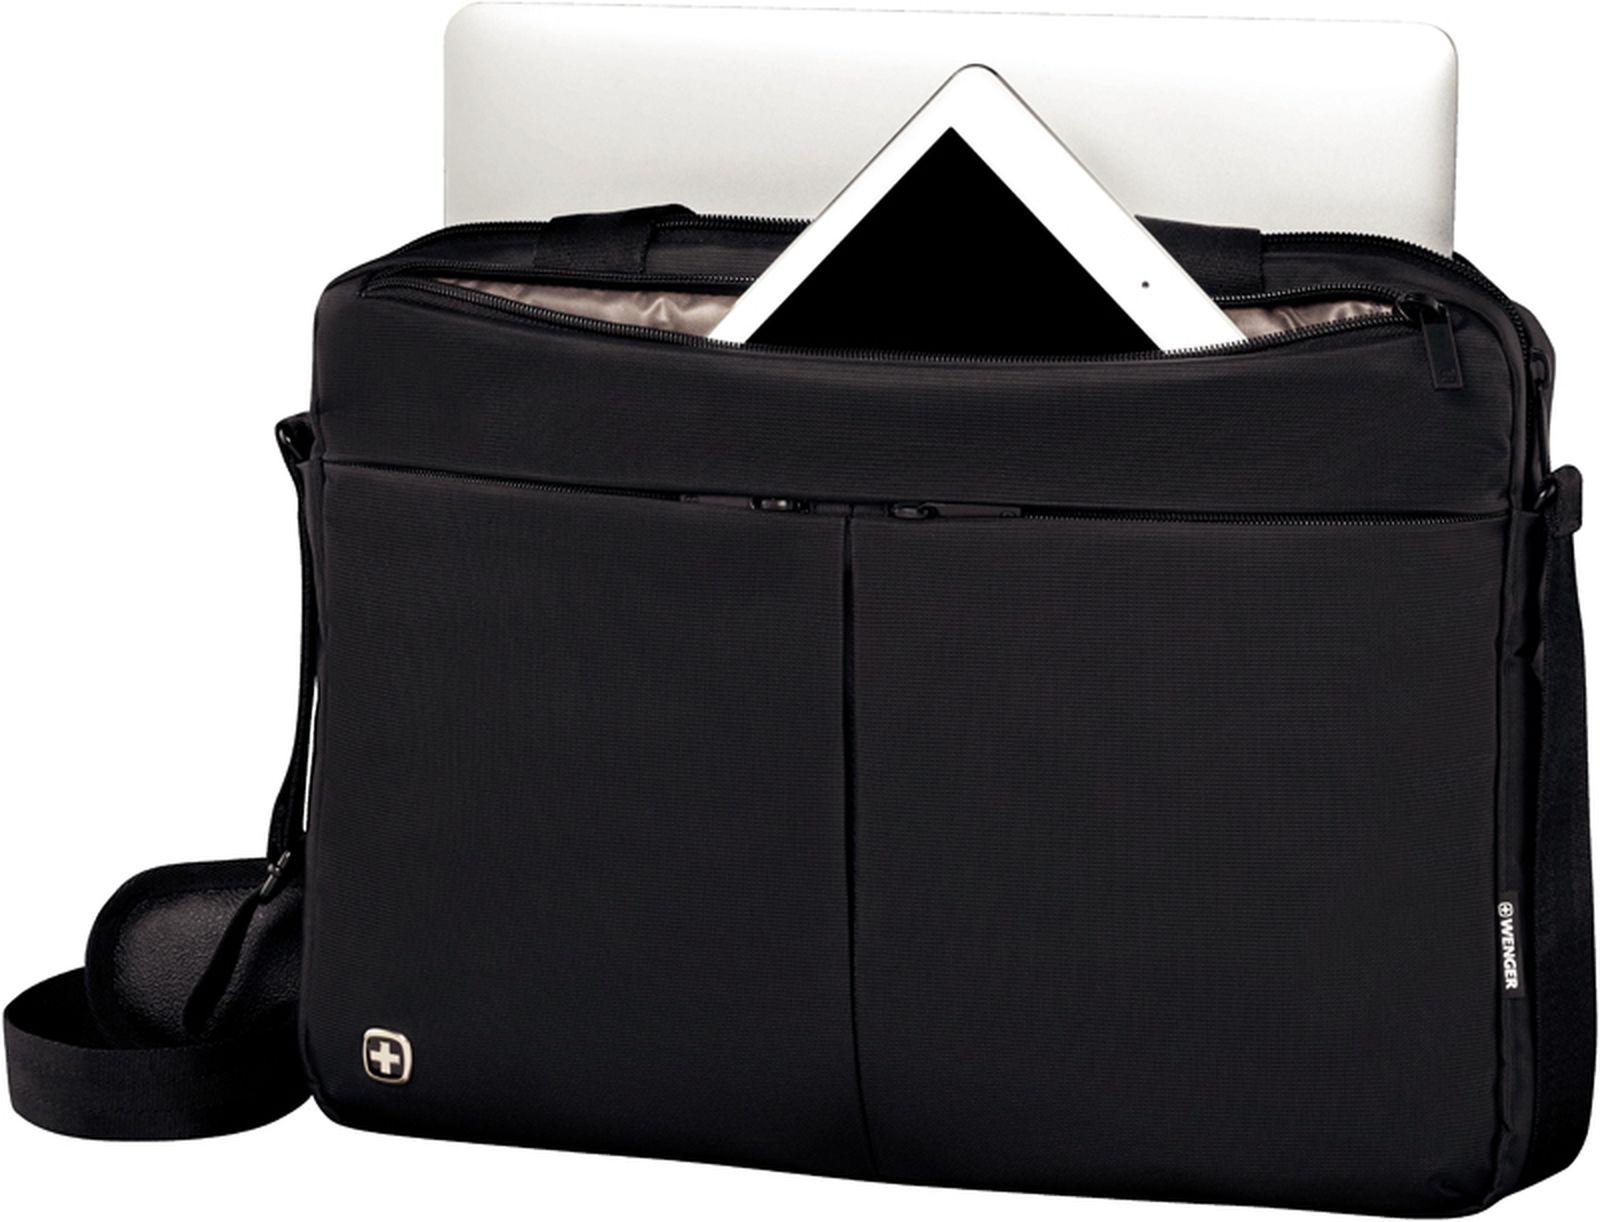 1951887869e4 Портфель для ноутбука 14'' WENGER, 39x8x26 см, 5 л (черный). Скидка ...